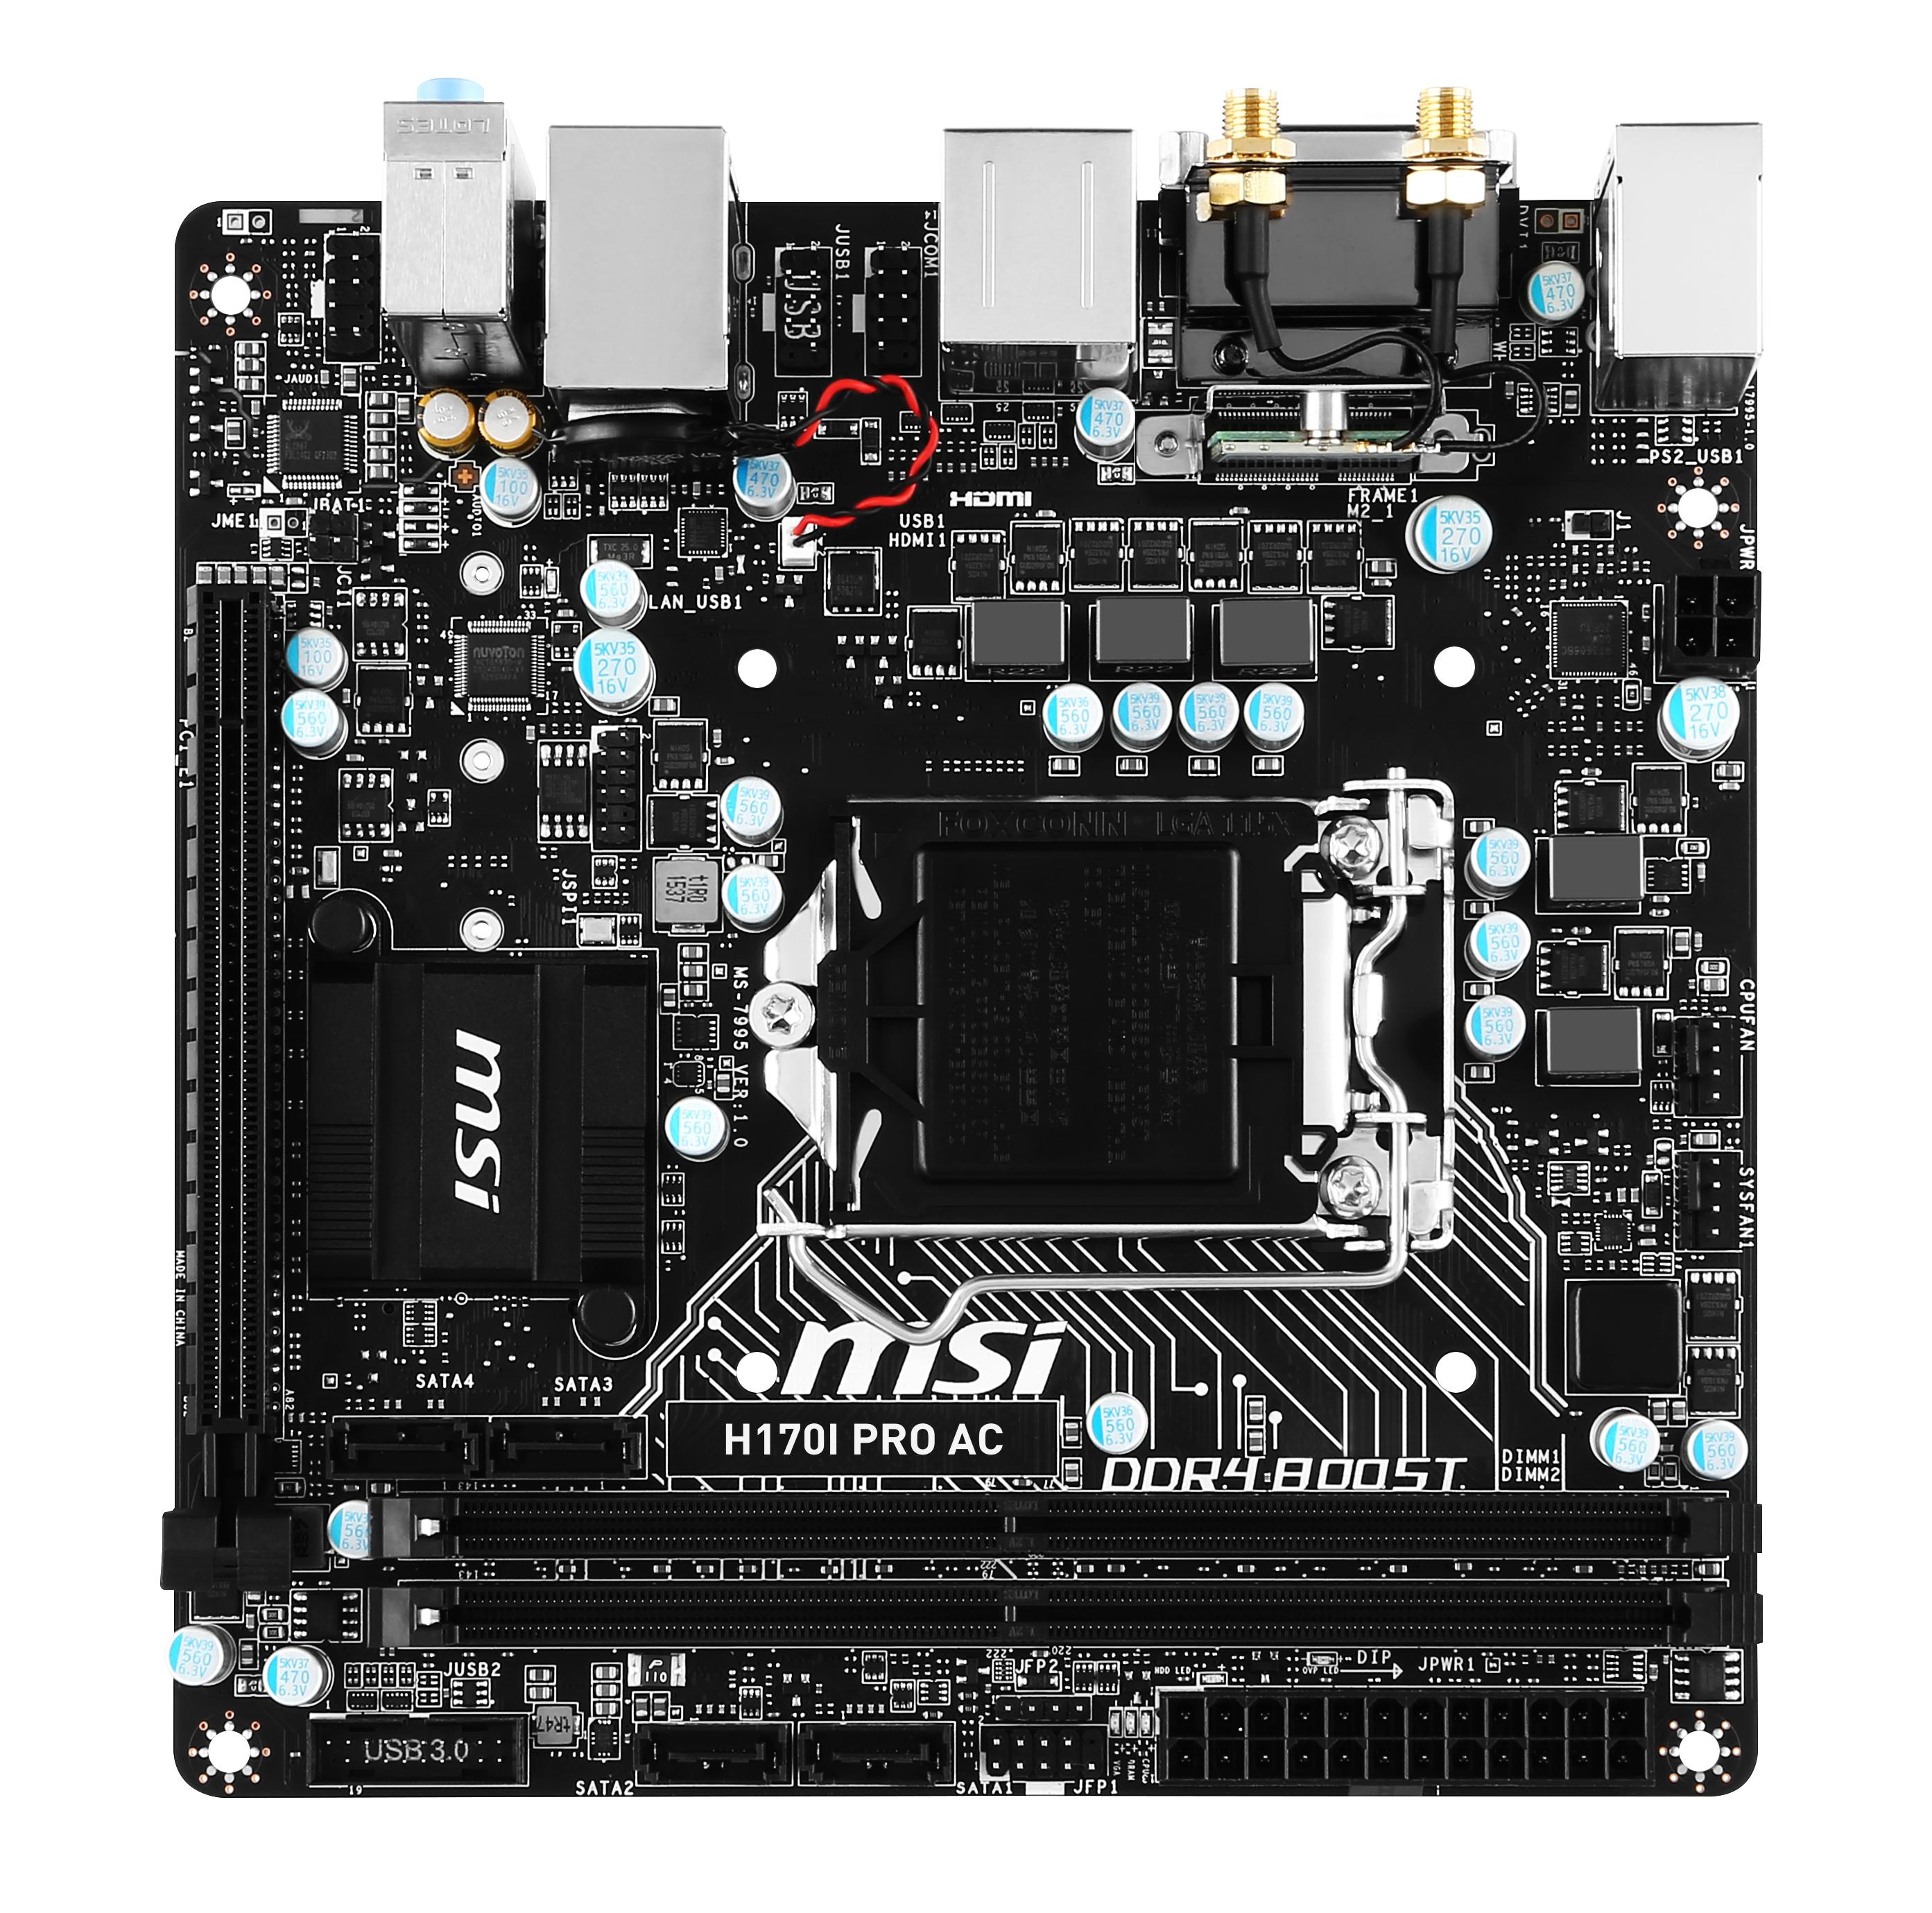 PB MSI 1151 H170I PRO AC MINI ITX